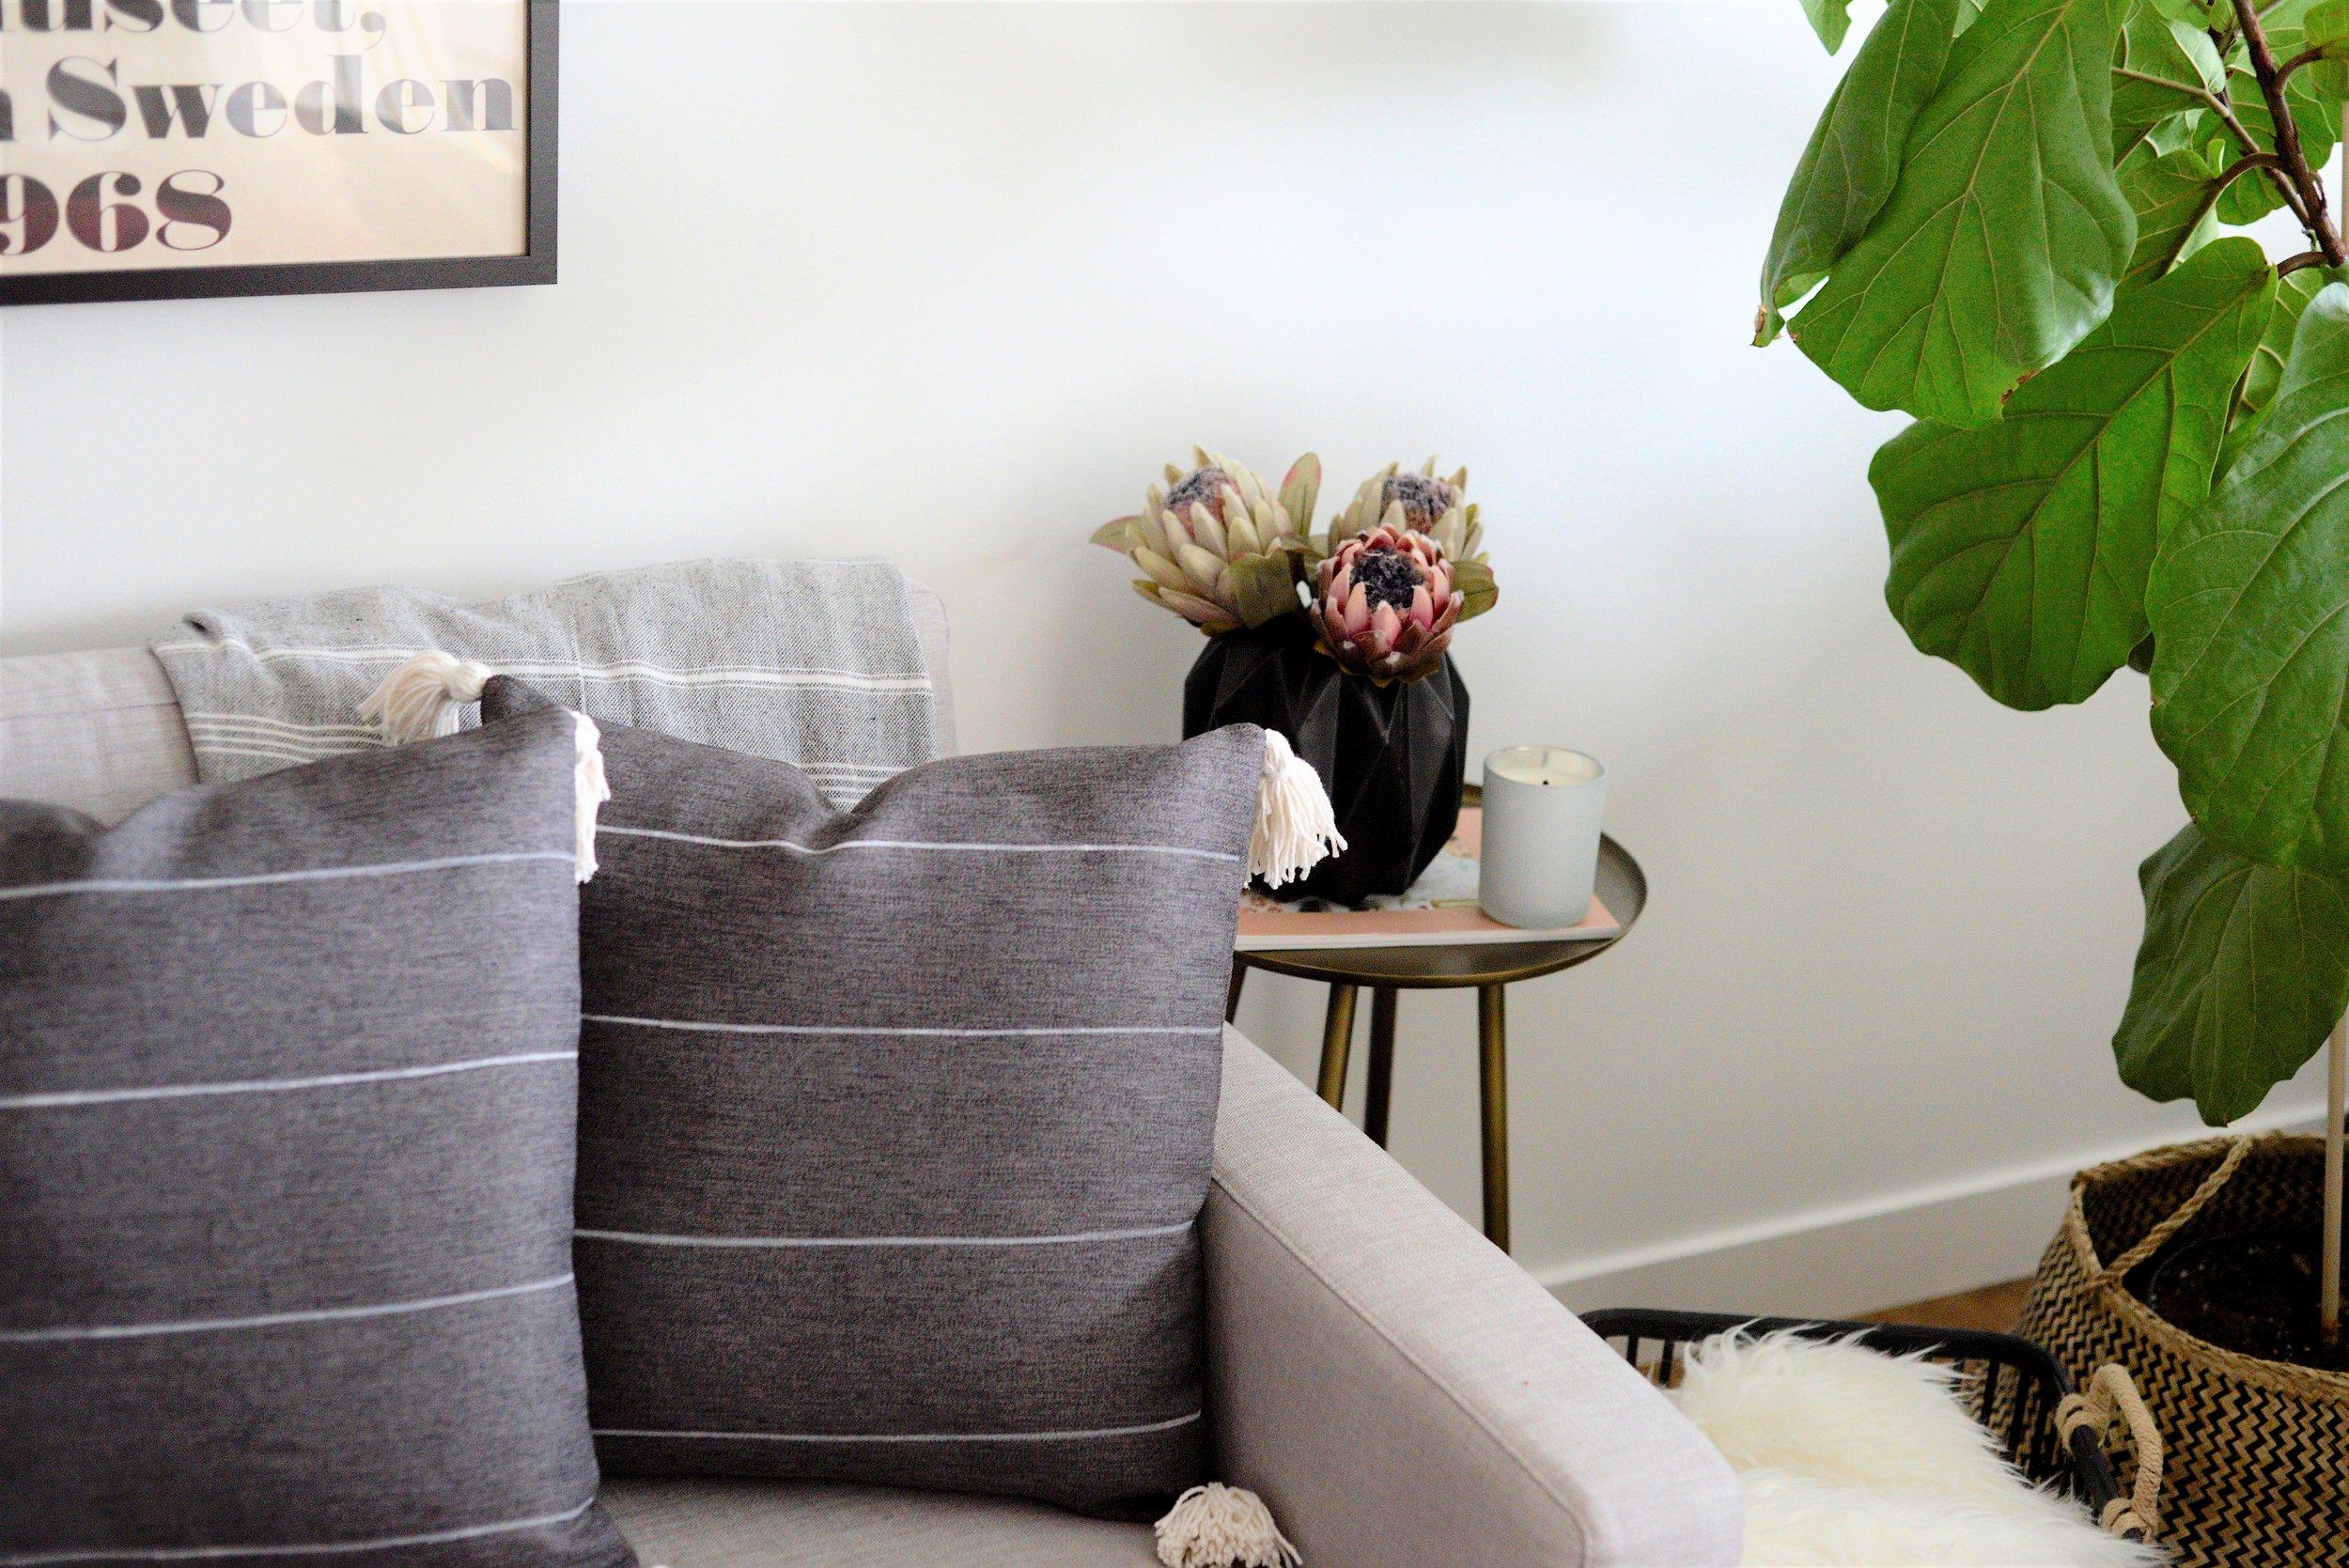 grey striped cushion with tassels - DIY